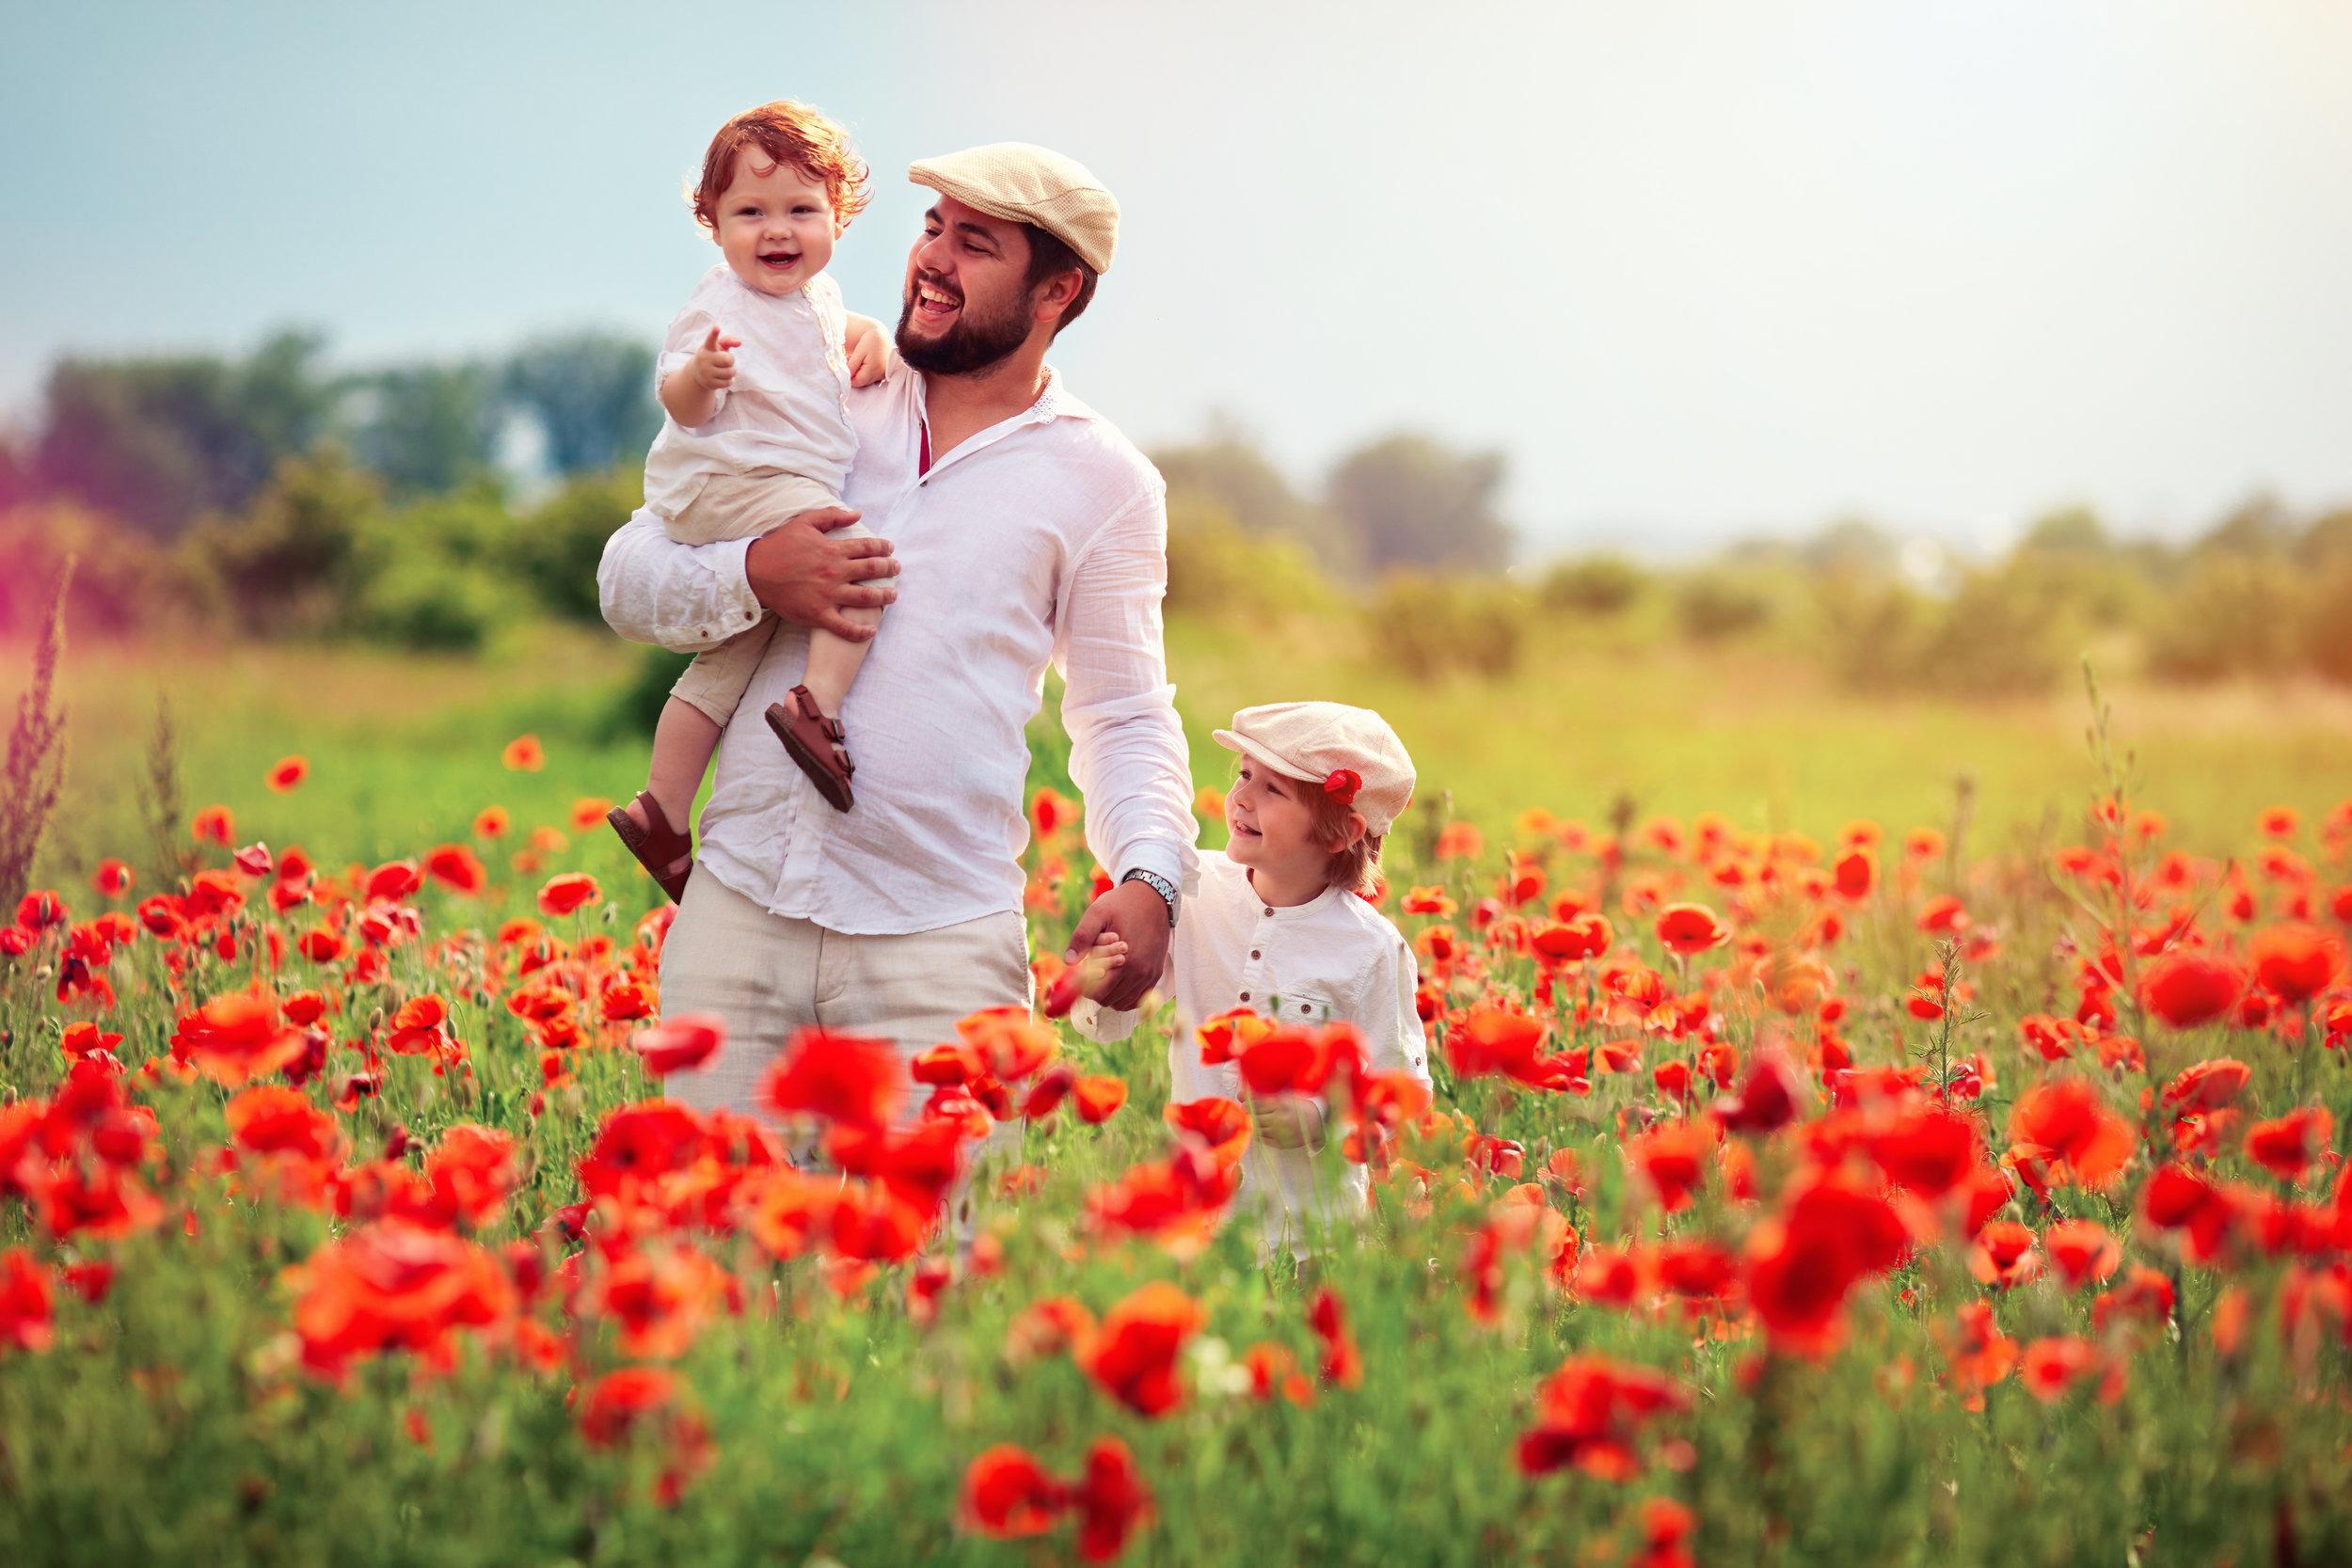 father-children-walking-poppy-field.jpg